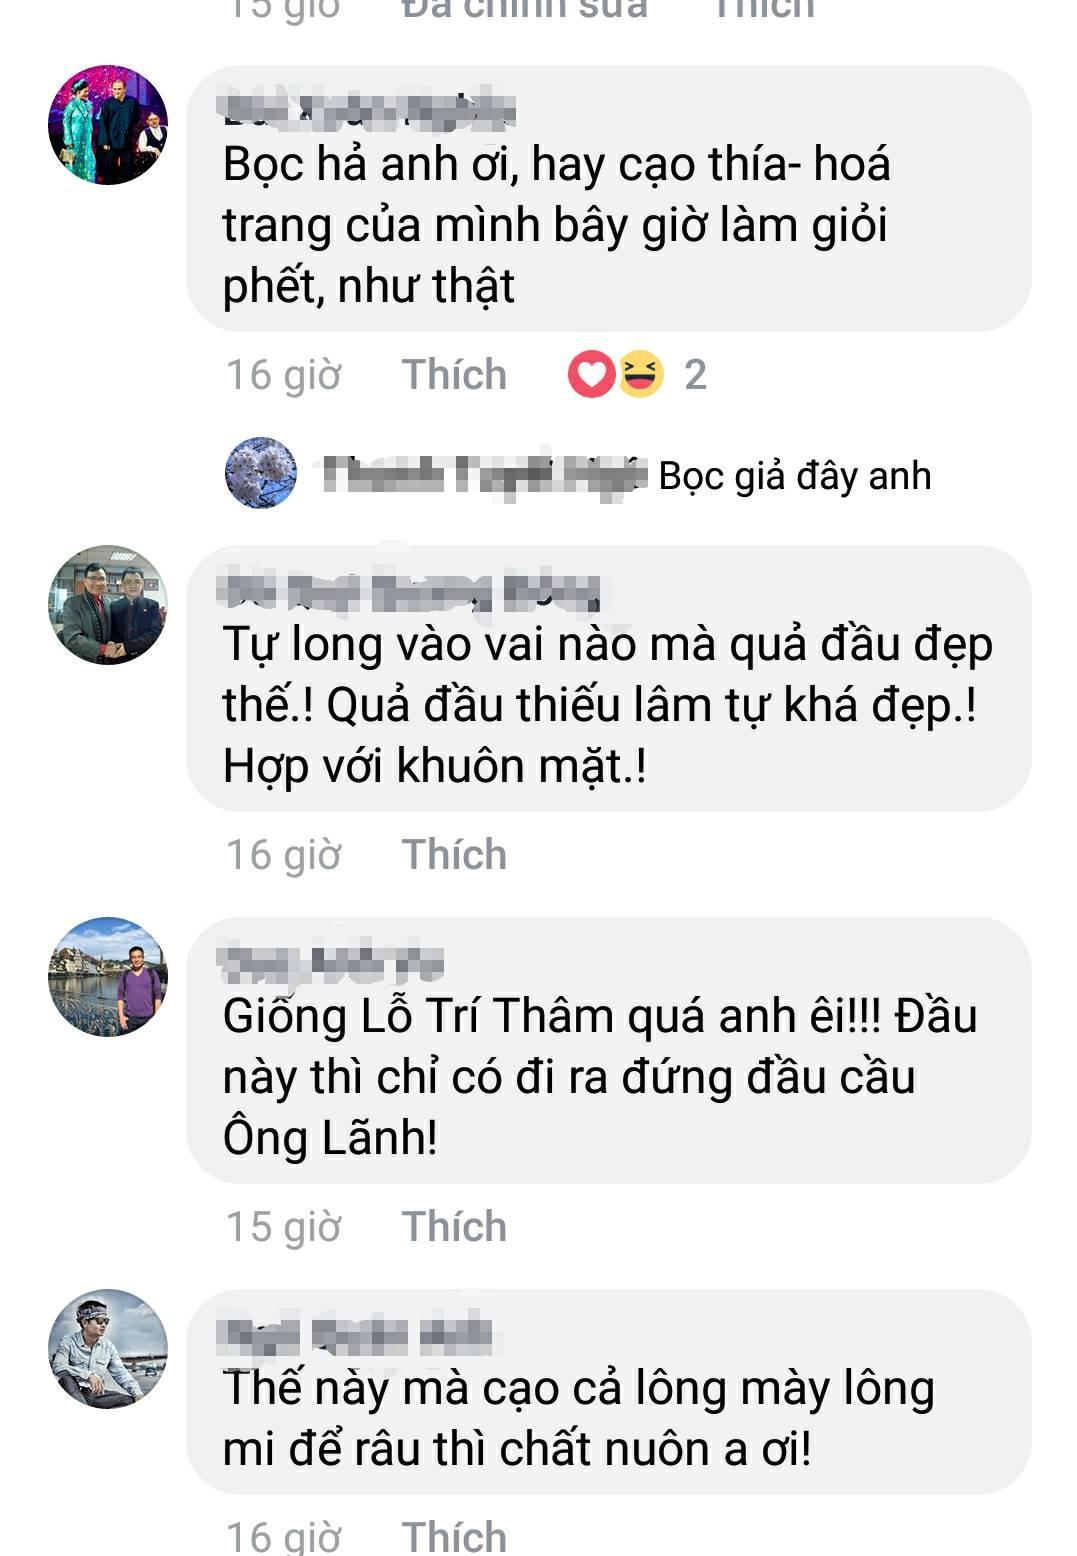 Tự Long 'gây sốt' với quả đầu 'trọc lốc' trước ngày quay Táo Quân 2018 2